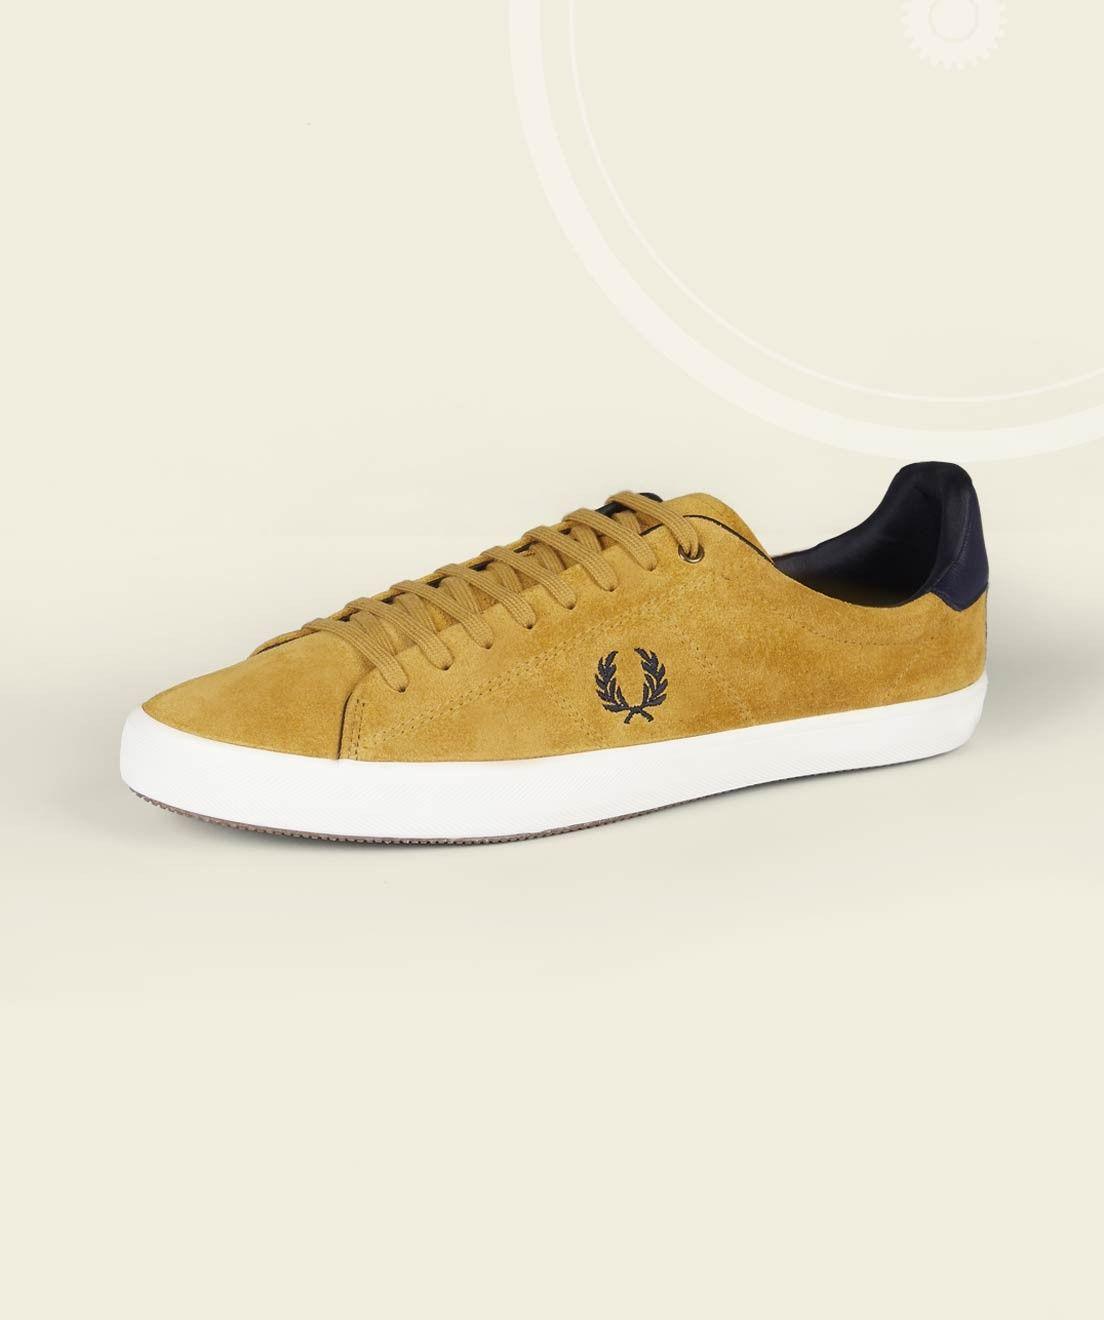 Howells Suede Shoe